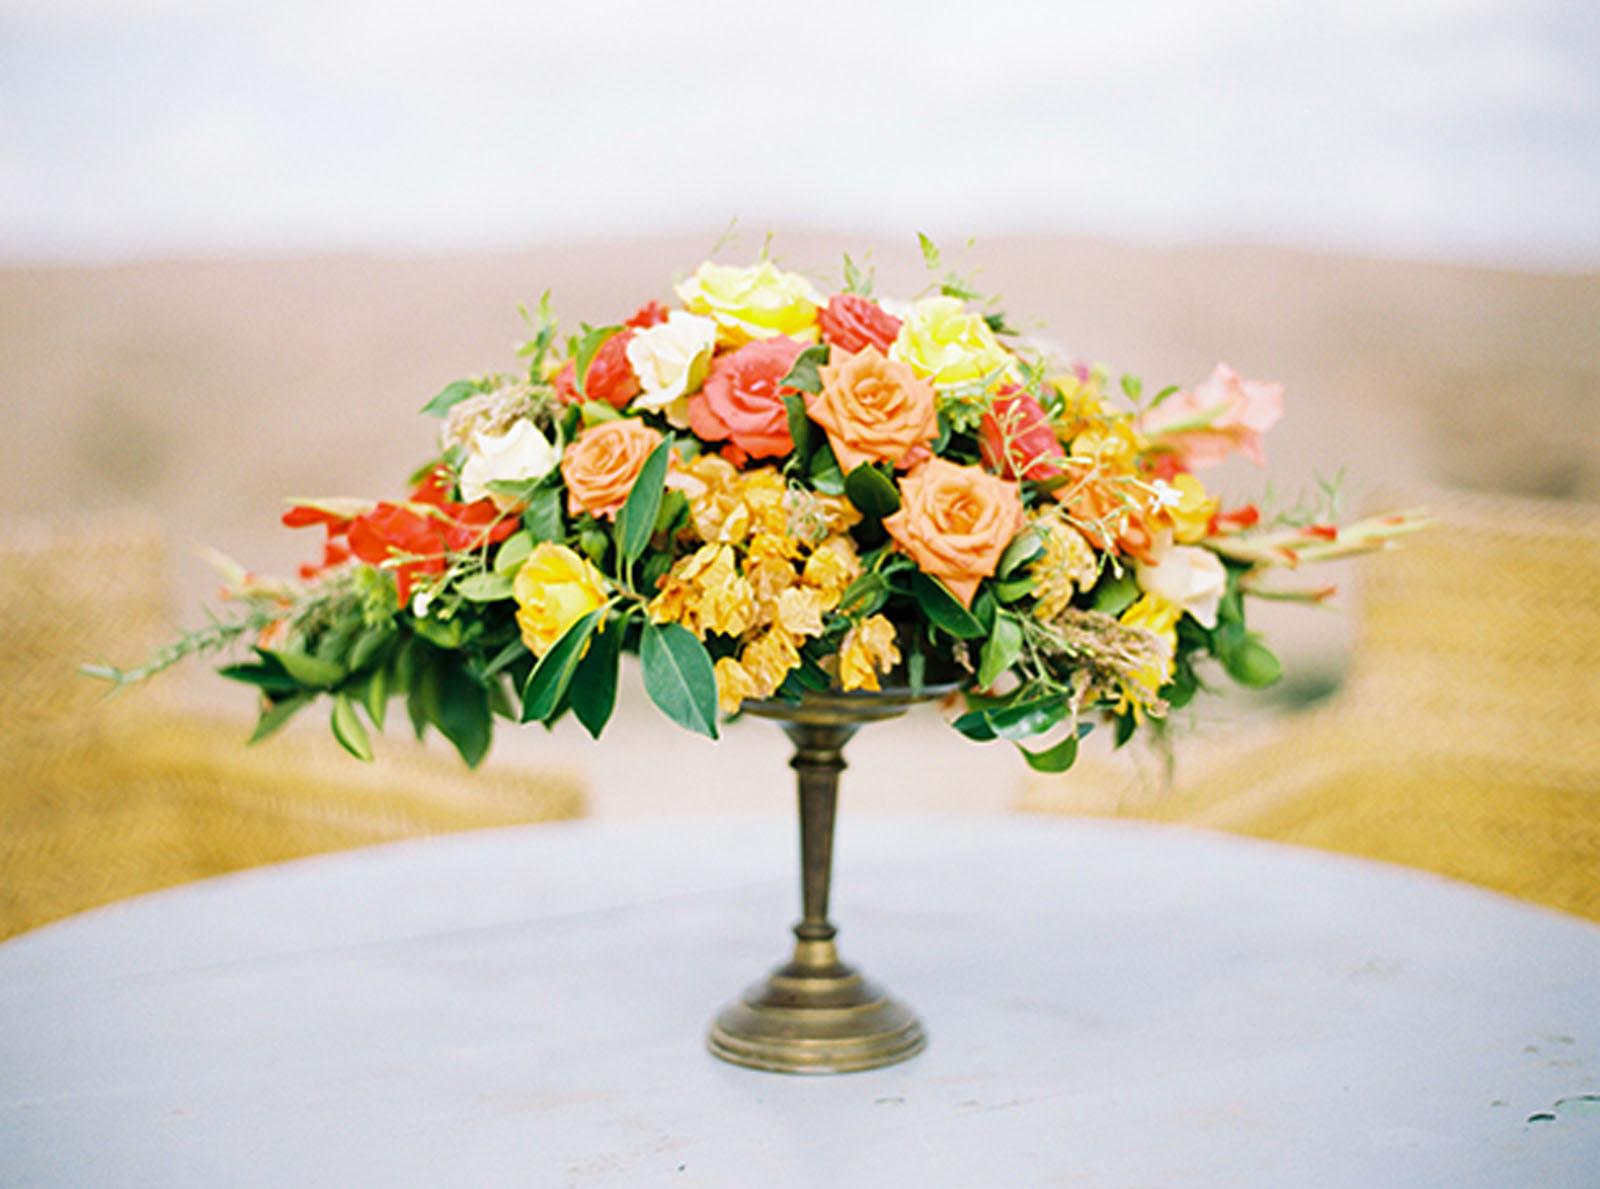 Copy of florals 3